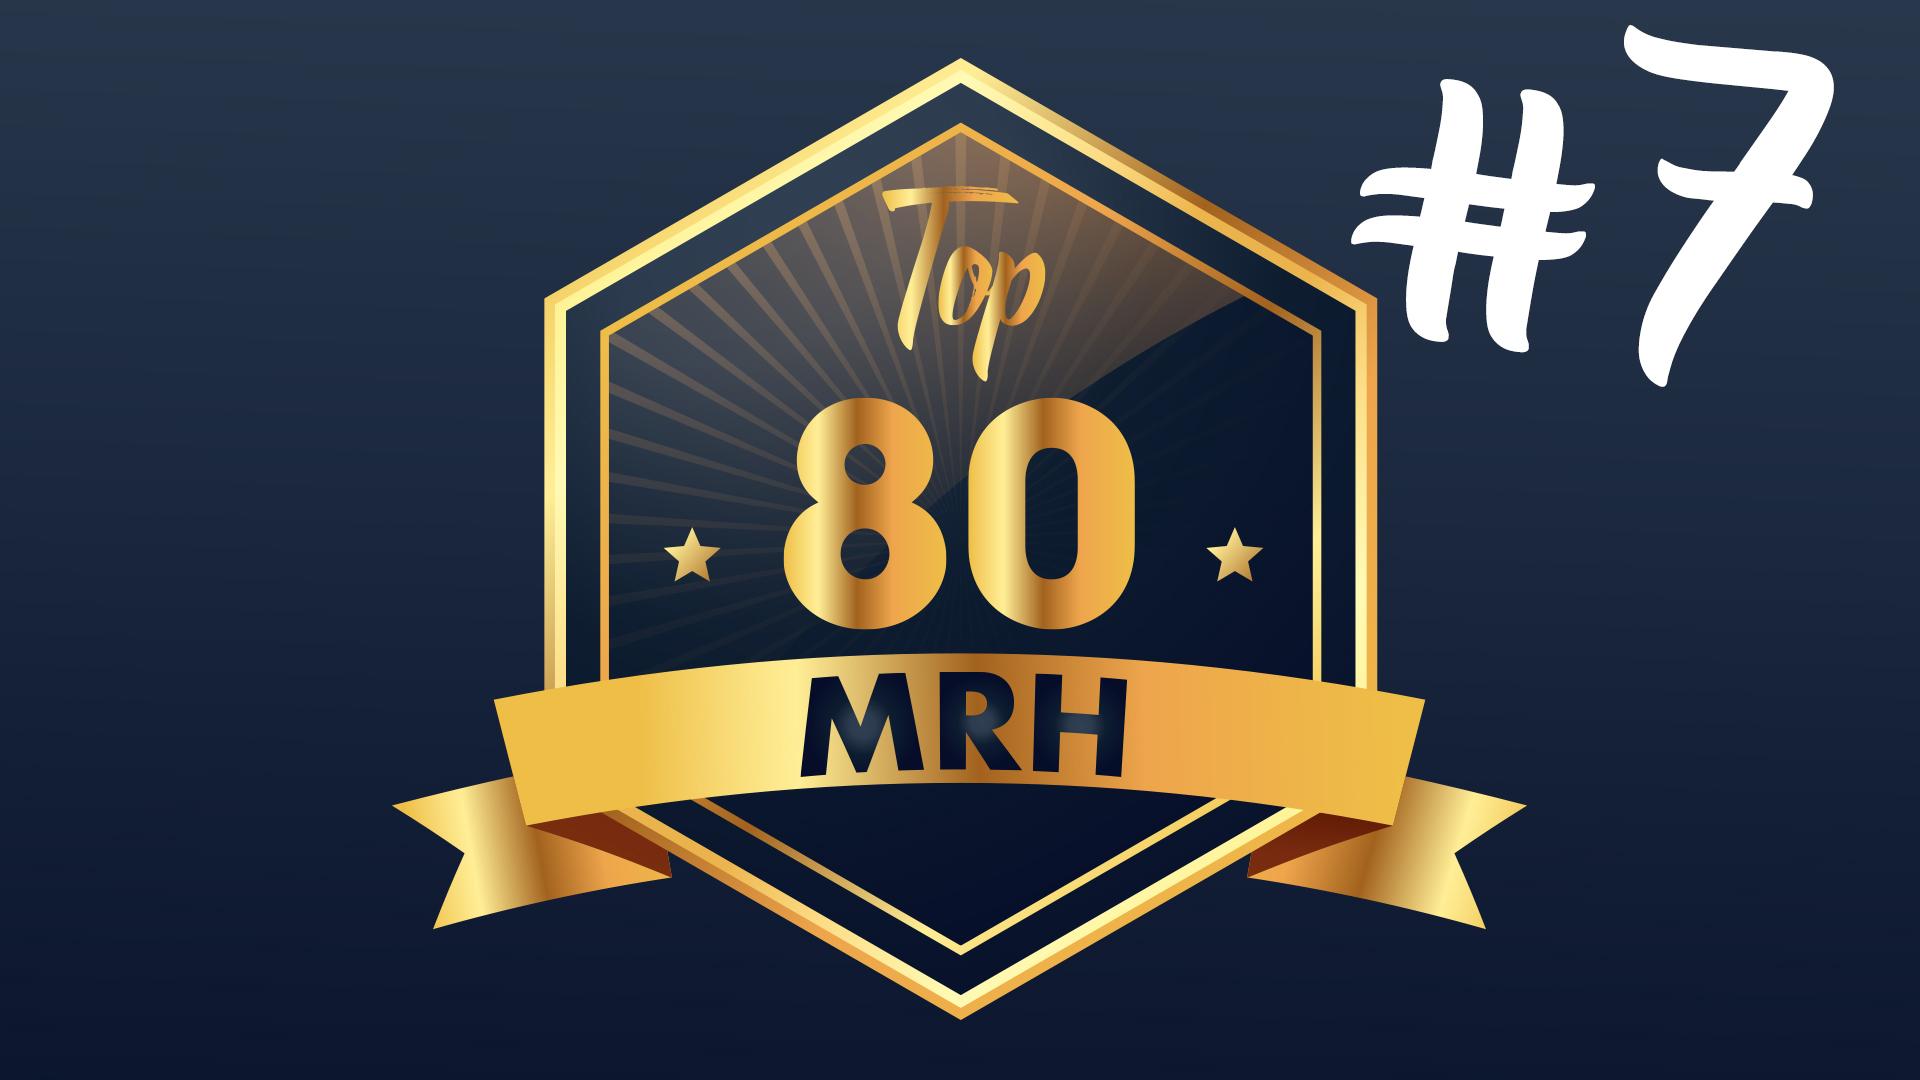 Top 80 MRH - Quel est le classement du septième Top MRH ?